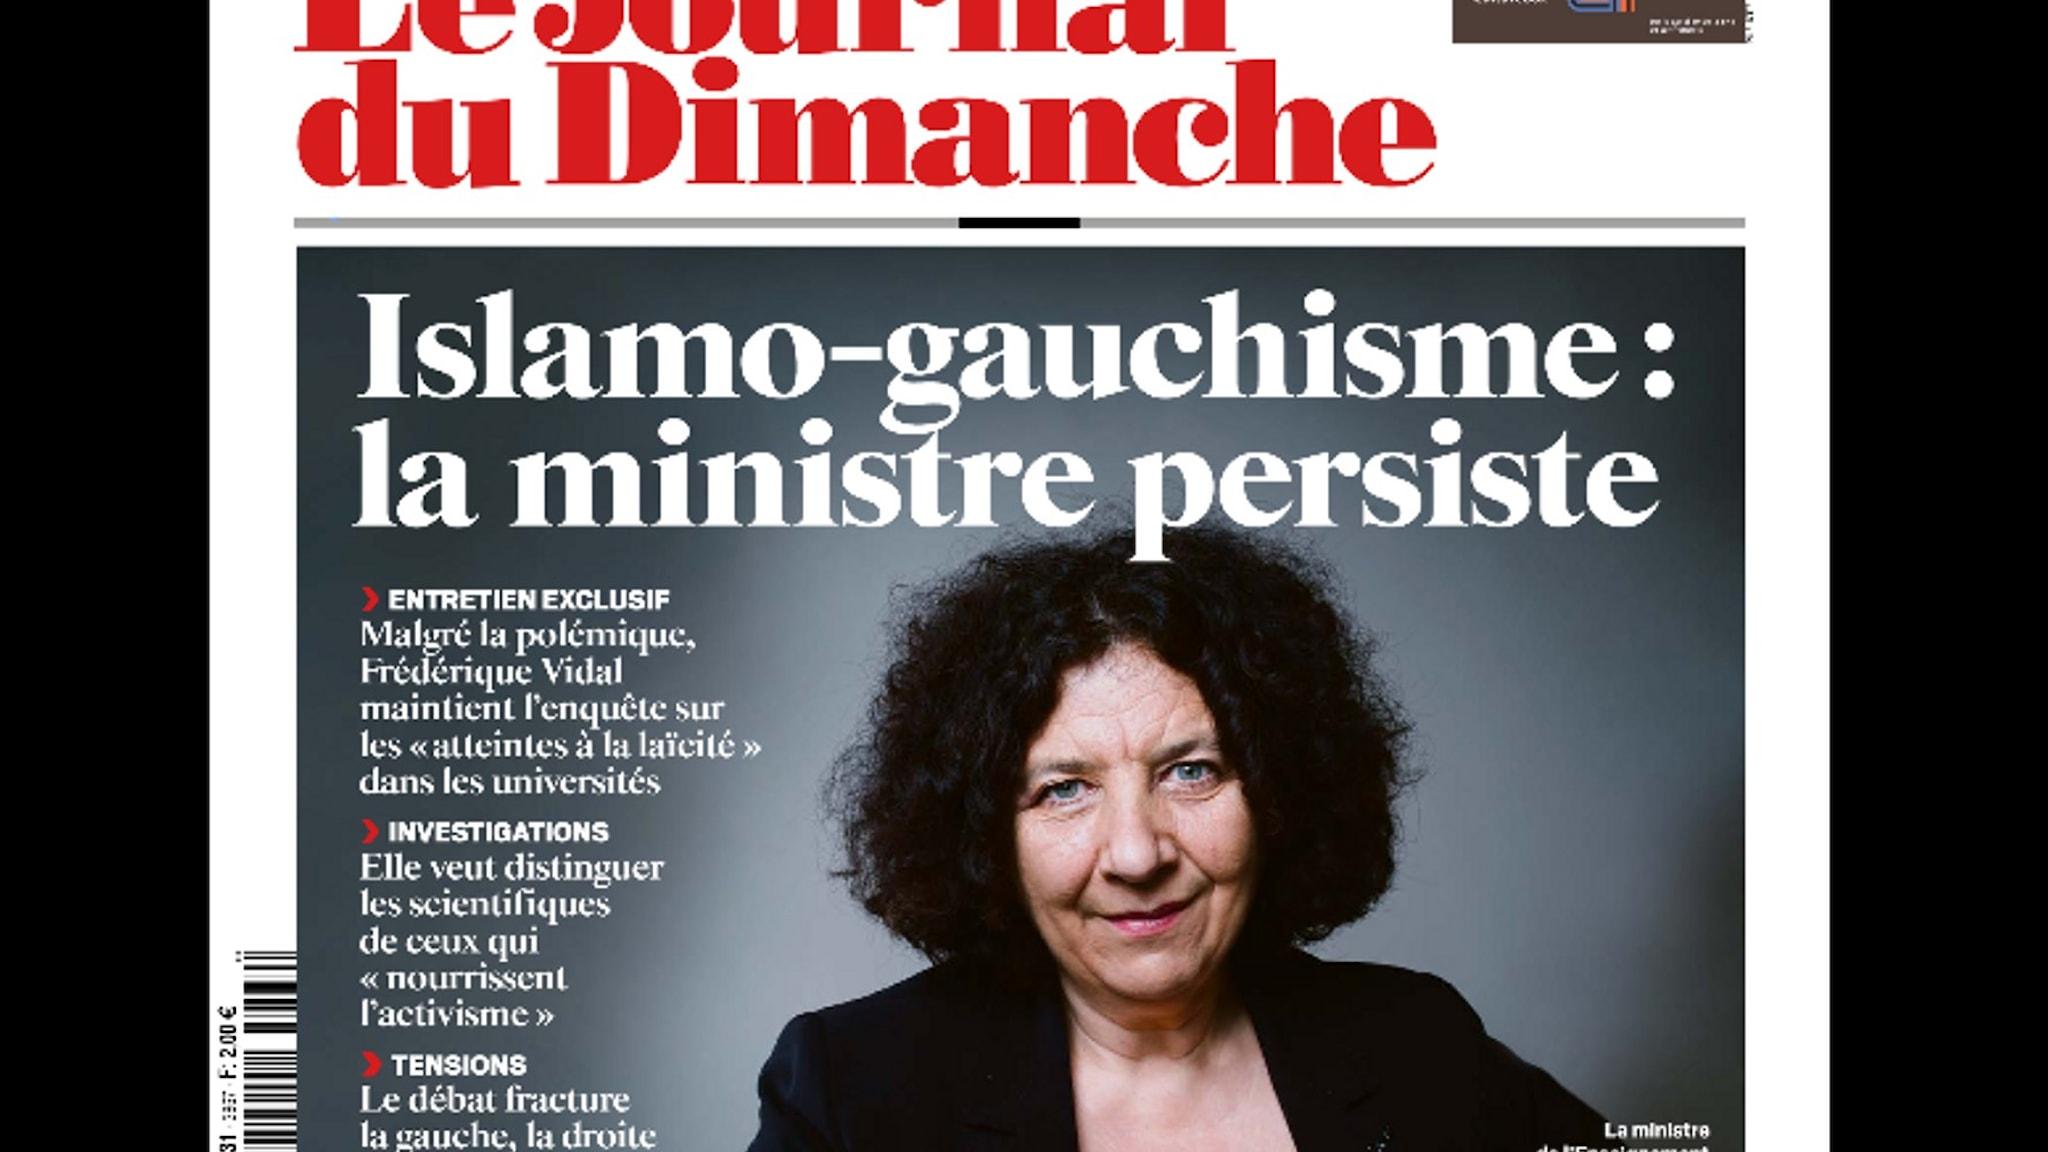 """Förstasida från tidskriften Journal de Dimanche om """"islamo-gauchismen"""" och ministern för högre utbildning, Frédérique Vidal."""